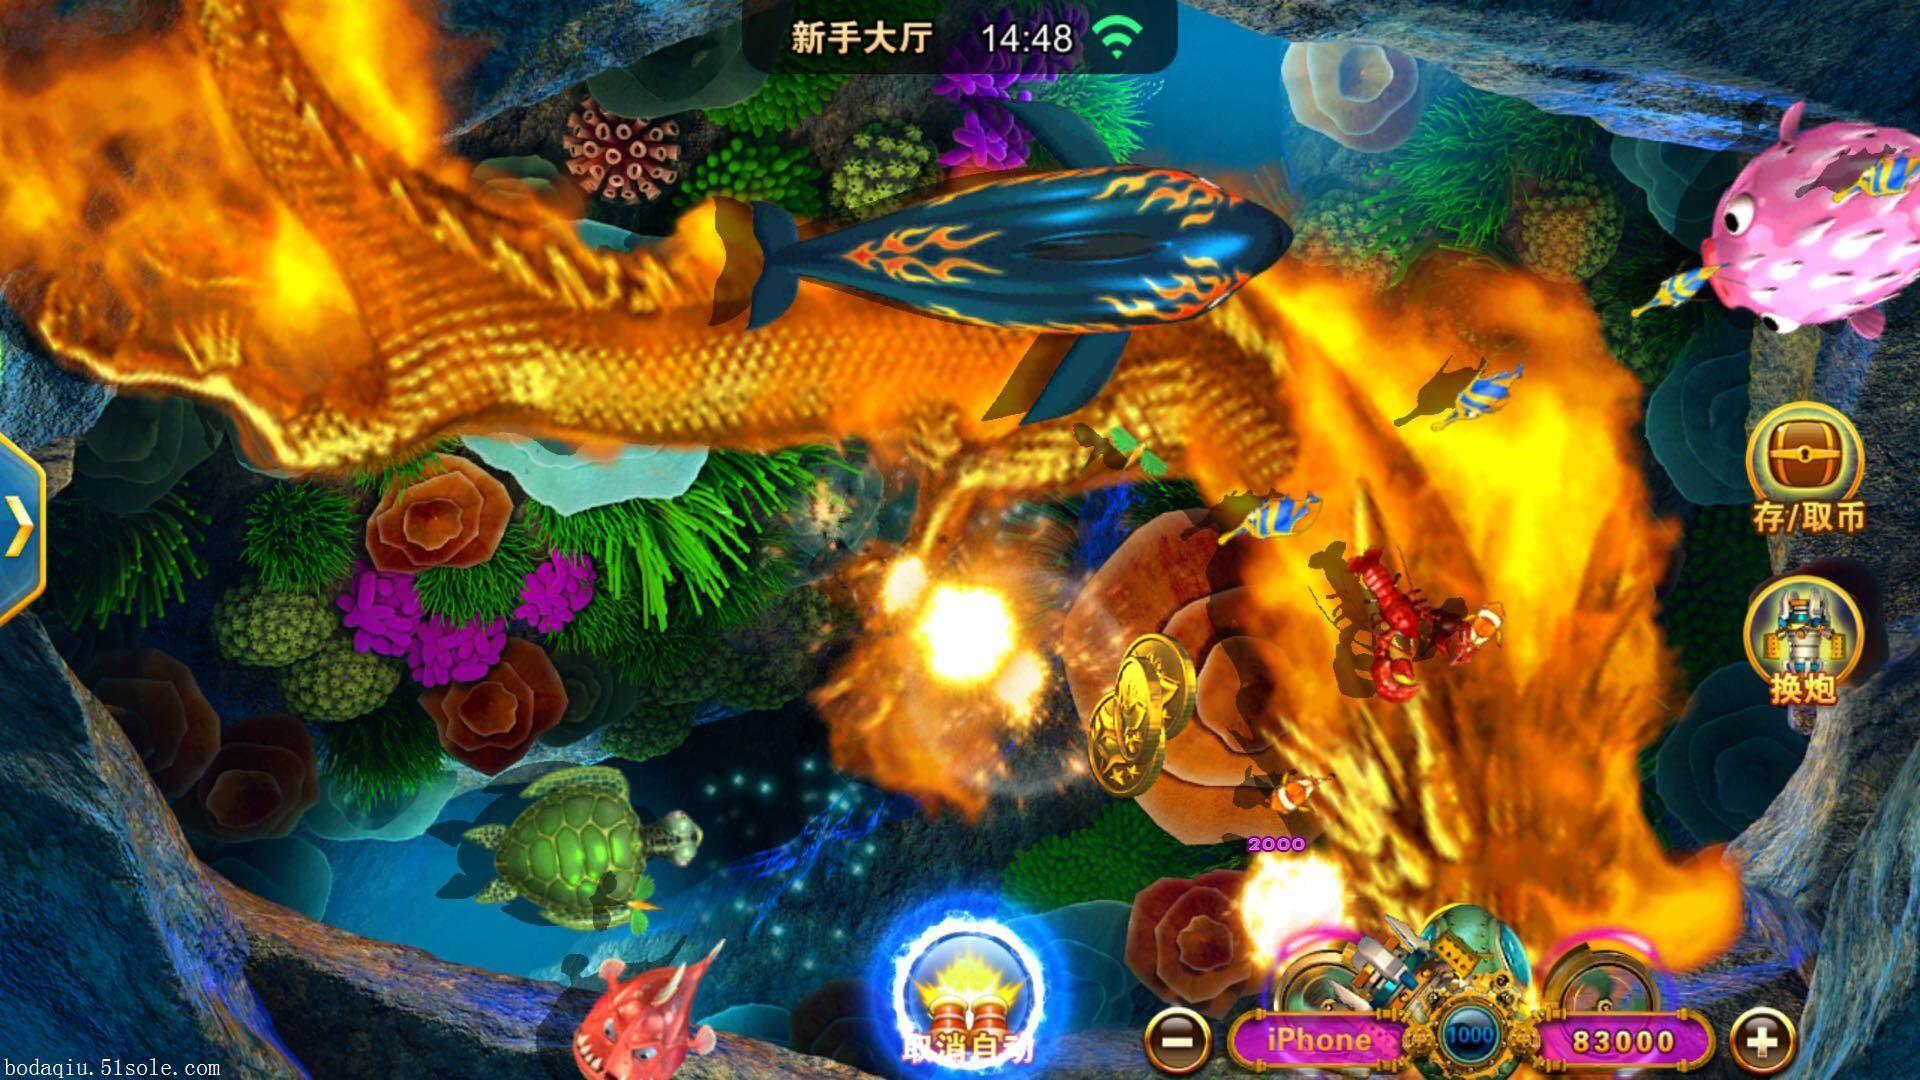 手机捕鱼游戏平台下载 星力手游